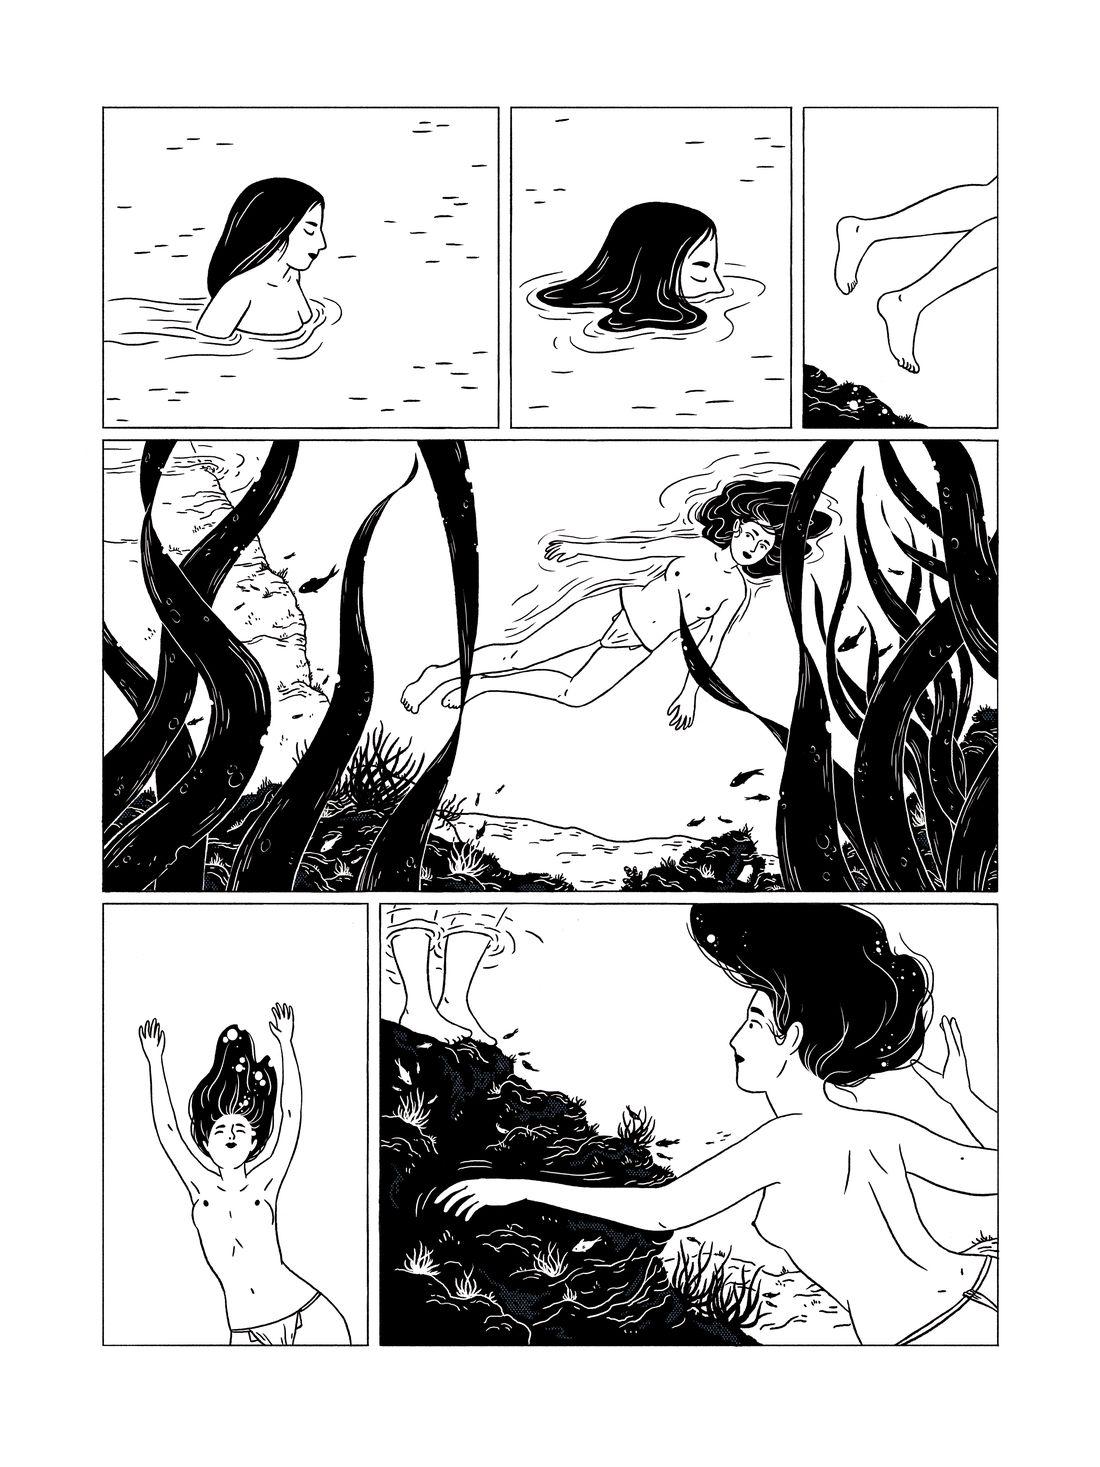 Ama - Le souffle des femmes, encrage de la planche 27 © Sarbacane / Becq